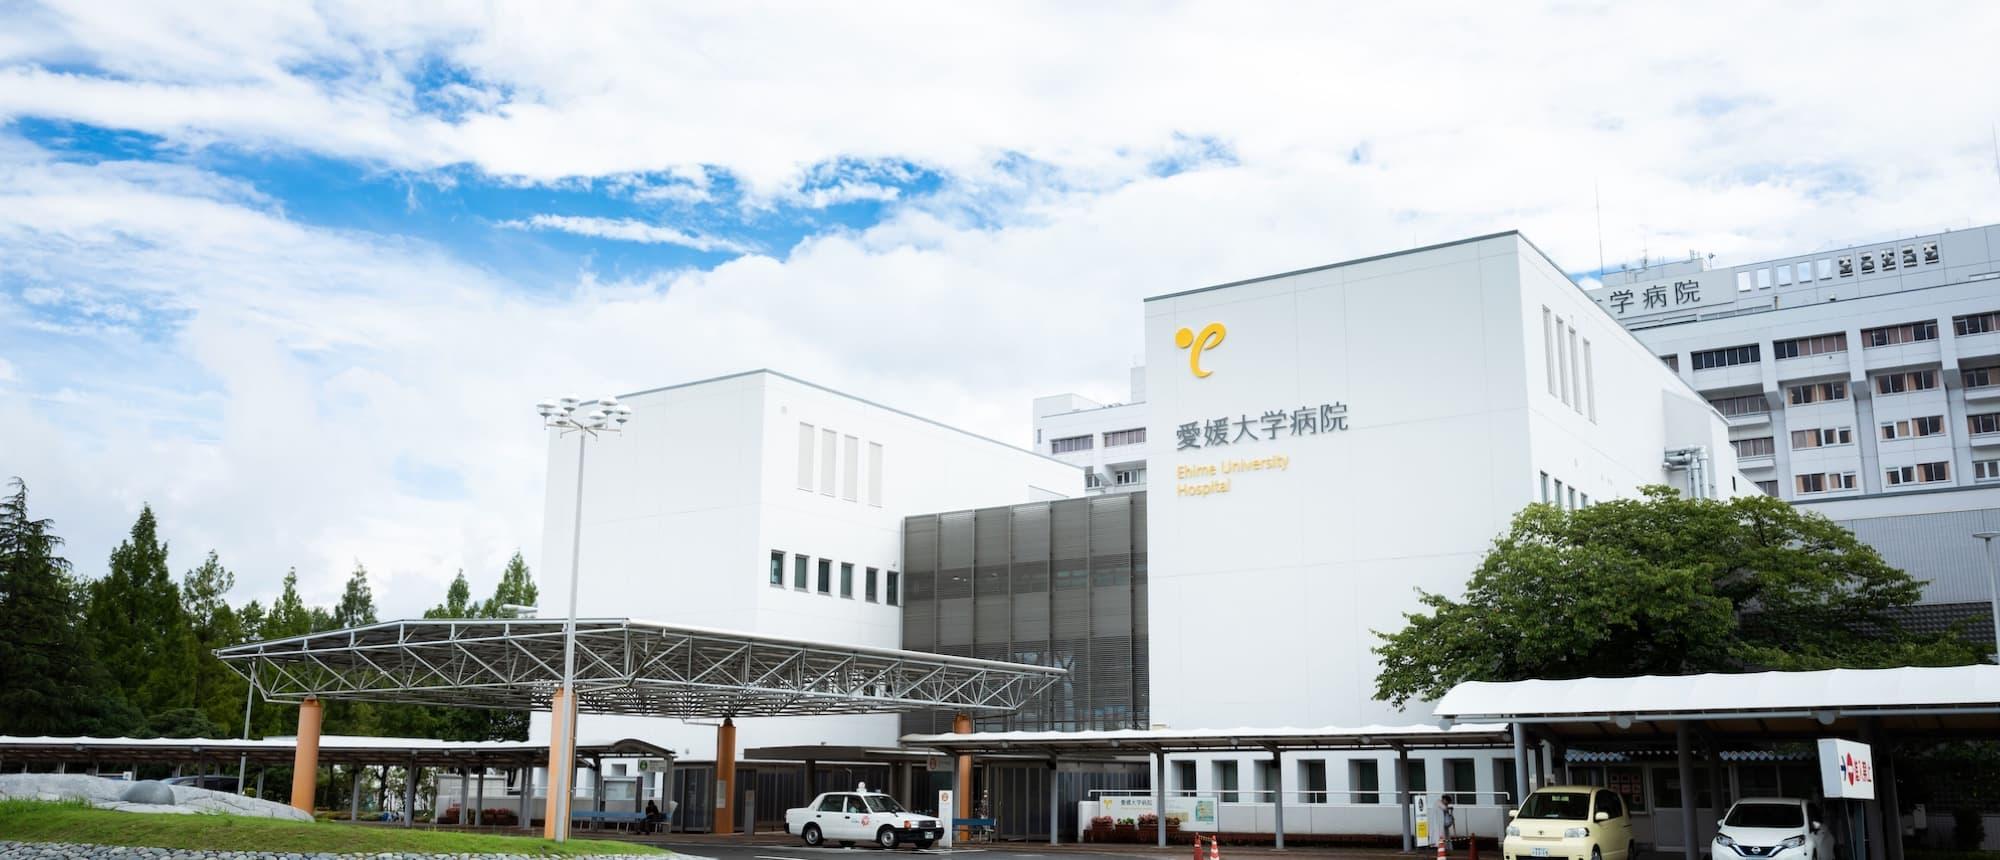 写真:愛媛大学附属病院の外観